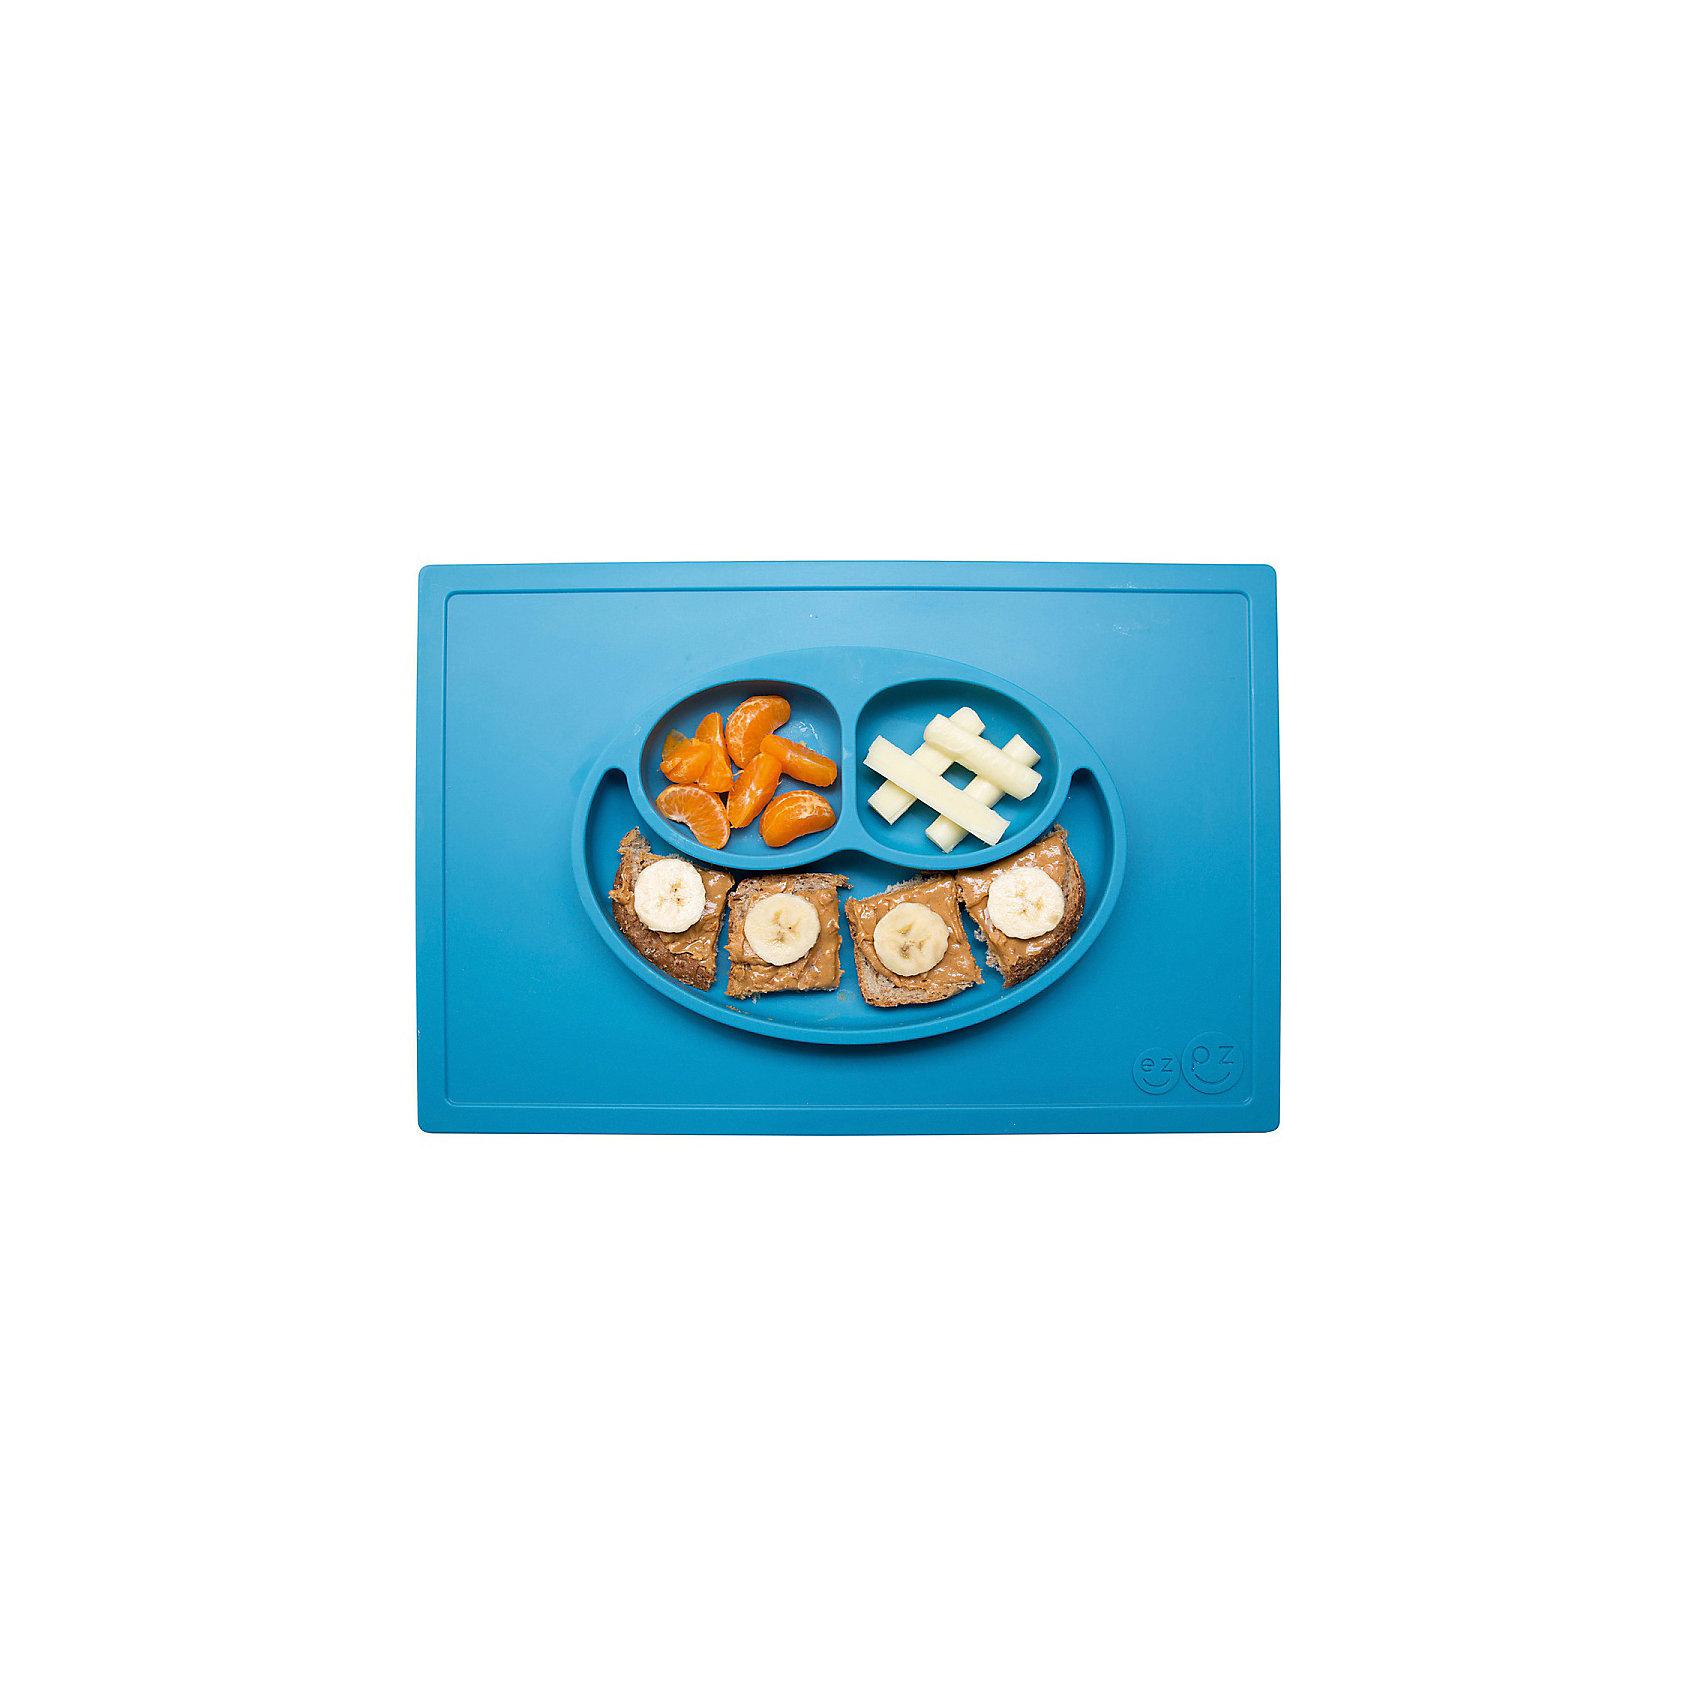 Тарелка трехсекционная с подставкой Happy Mat, 540 мл., ezpz, синийПосуда для малышей<br>Тарелка с подставкой Happy Mat, ezpz, синий.<br><br>Характеристики:<br>• изготовлена из качественного пищевого силикона<br>• надежно крепится к столу<br>• сгибается по краям<br>• 3 отсека для еды<br>• подходит для посудомоечной машины и микроволновой печи<br>• не содержит бисфенол, свинец, фталаты, поливинилхлорид<br>• приятный дизайн<br>• состав: 100% силикон<br>• размер: 38х25,5х3 см<br>• объем: 540 мл<br>• цвет: синий <br><br>Тарелка с подставкой Happy Mat, ezpz пригодится, если в доме живут маленькие непоседы. Тарелка имеет 3 глубоких отсека, что позволяет подавать еду раздельно. Вы сможете одновременно подать к столу мясо, гарнир и фрукты, не пачкая лишнюю посуду. Дно тарелки надежно крепится к плоской поверхности - вы можете не переживать, что малыш опрокинет еду и обожжется. Приятный дизайн тарелки понравится ребенку, и он обязательно будет есть с аппетитом!<br><br>Тарелку с подставкой Happy Mat, ezpz, синий можно купить в нашем интернет-магазине.<br><br>Ширина мм: 380<br>Глубина мм: 25<br>Высота мм: 255<br>Вес г: 701<br>Возраст от месяцев: 0<br>Возраст до месяцев: 36<br>Пол: Унисекс<br>Возраст: Детский<br>SKU: 5068700